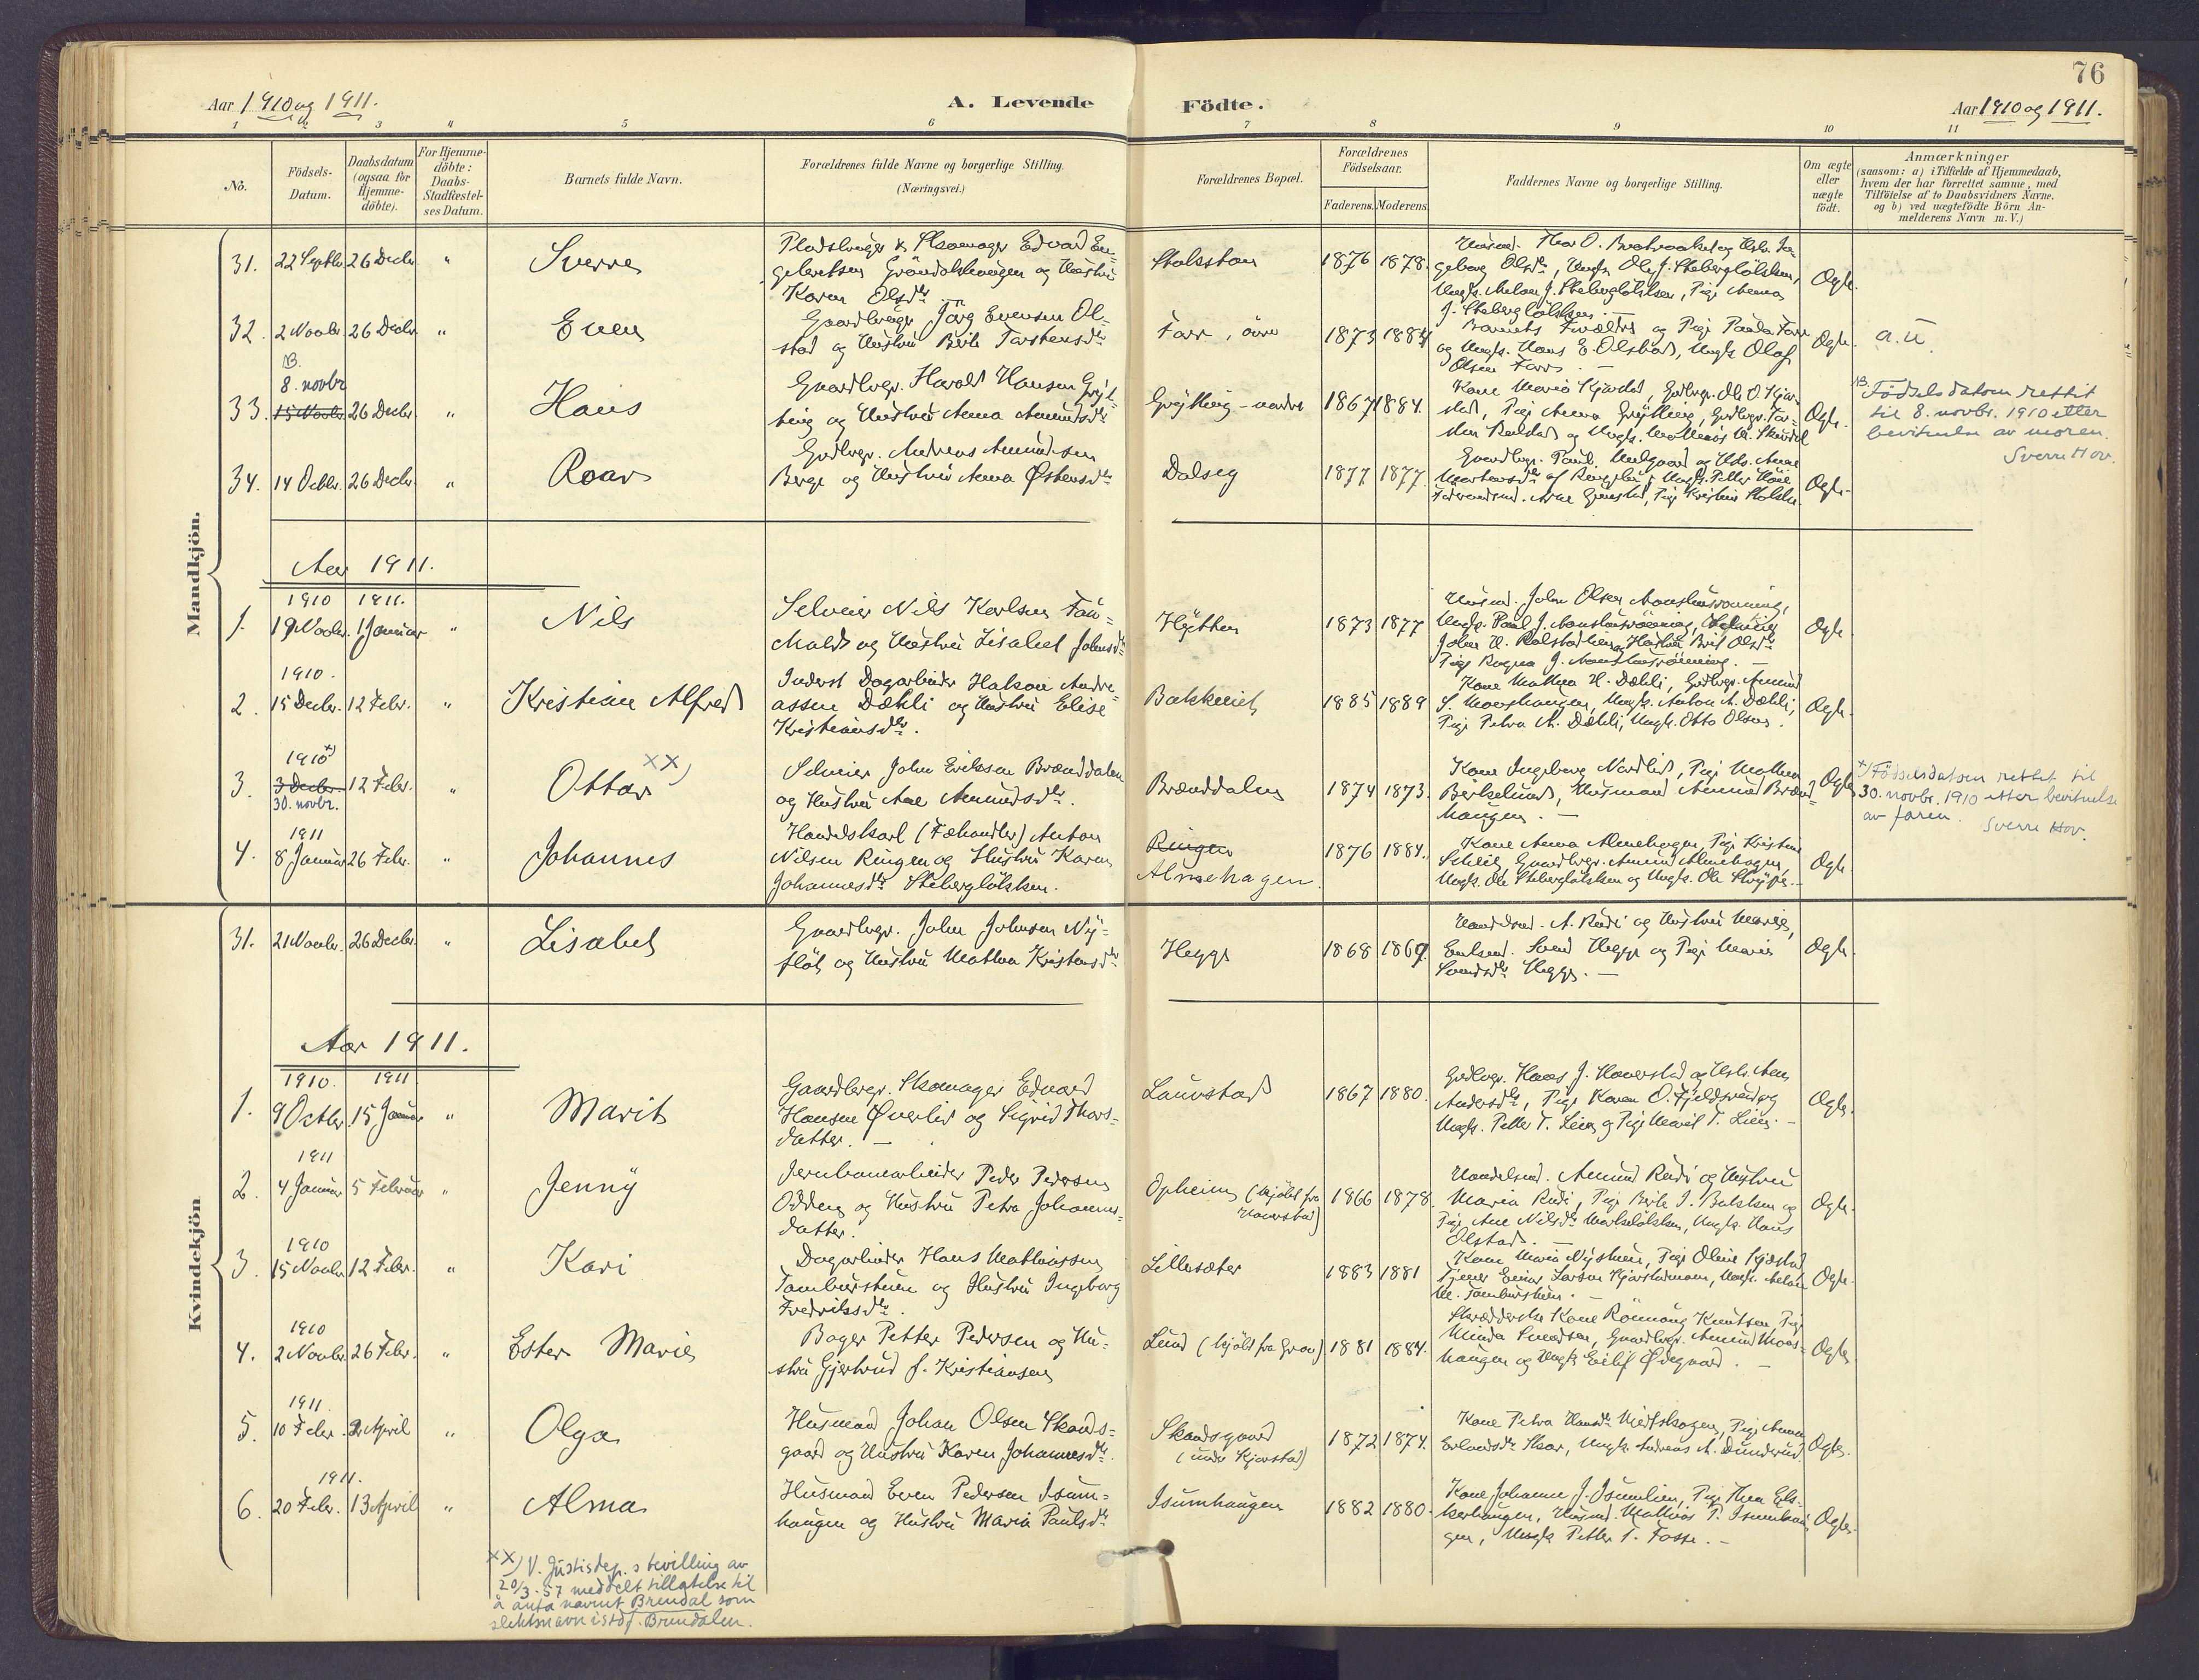 SAH, Sør-Fron prestekontor, H/Ha/Haa/L0004: Parish register (official) no. 4, 1898-1919, p. 76